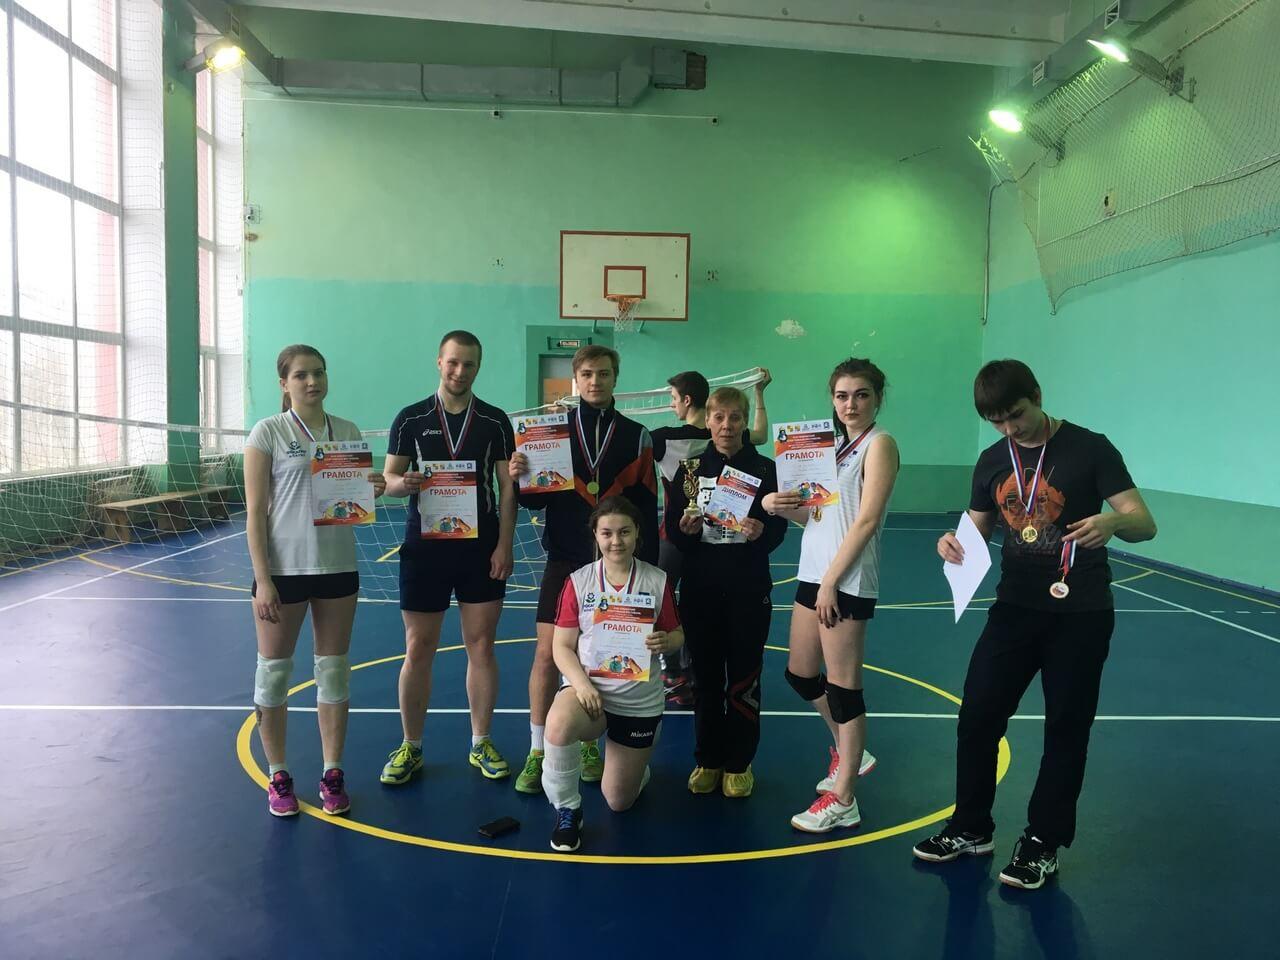 Поздравляем волейболистов с победой!